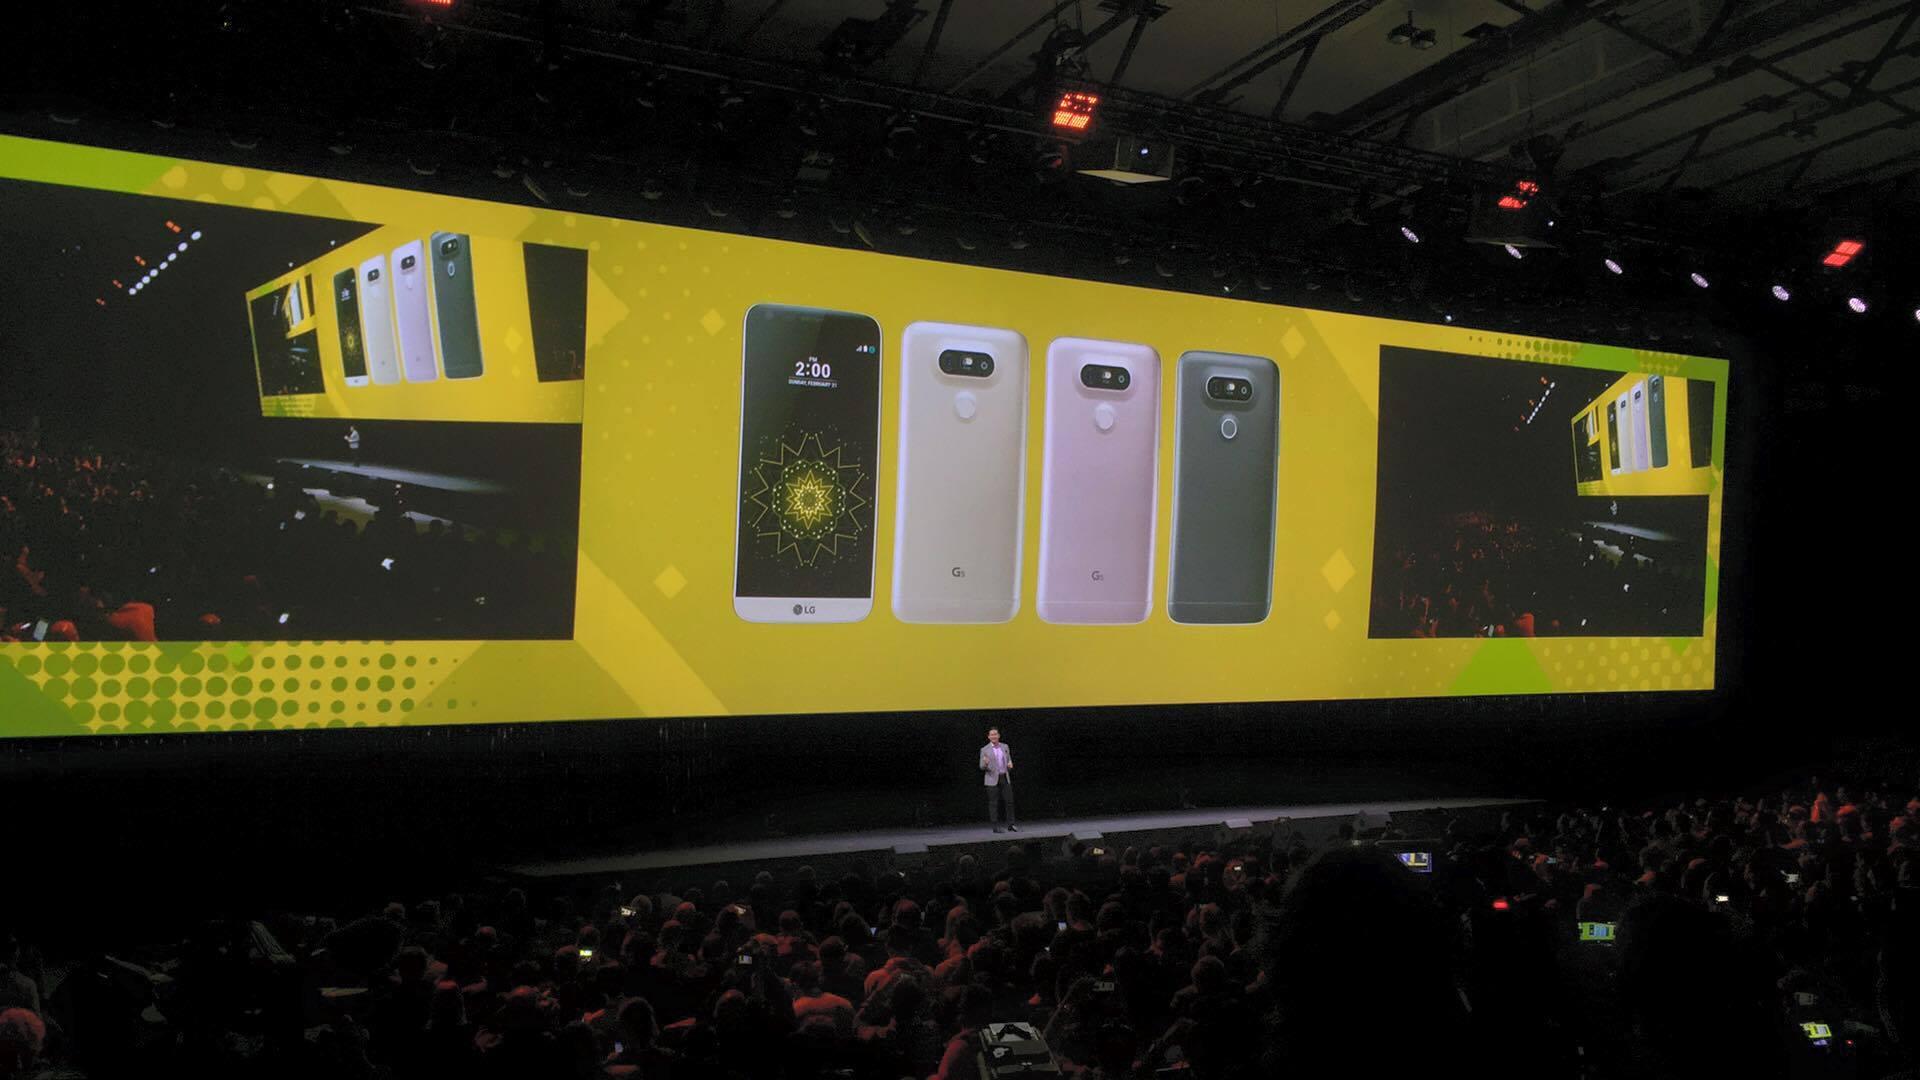 LG-G5-akilli-telefon-canli-yayin-technopat (21)